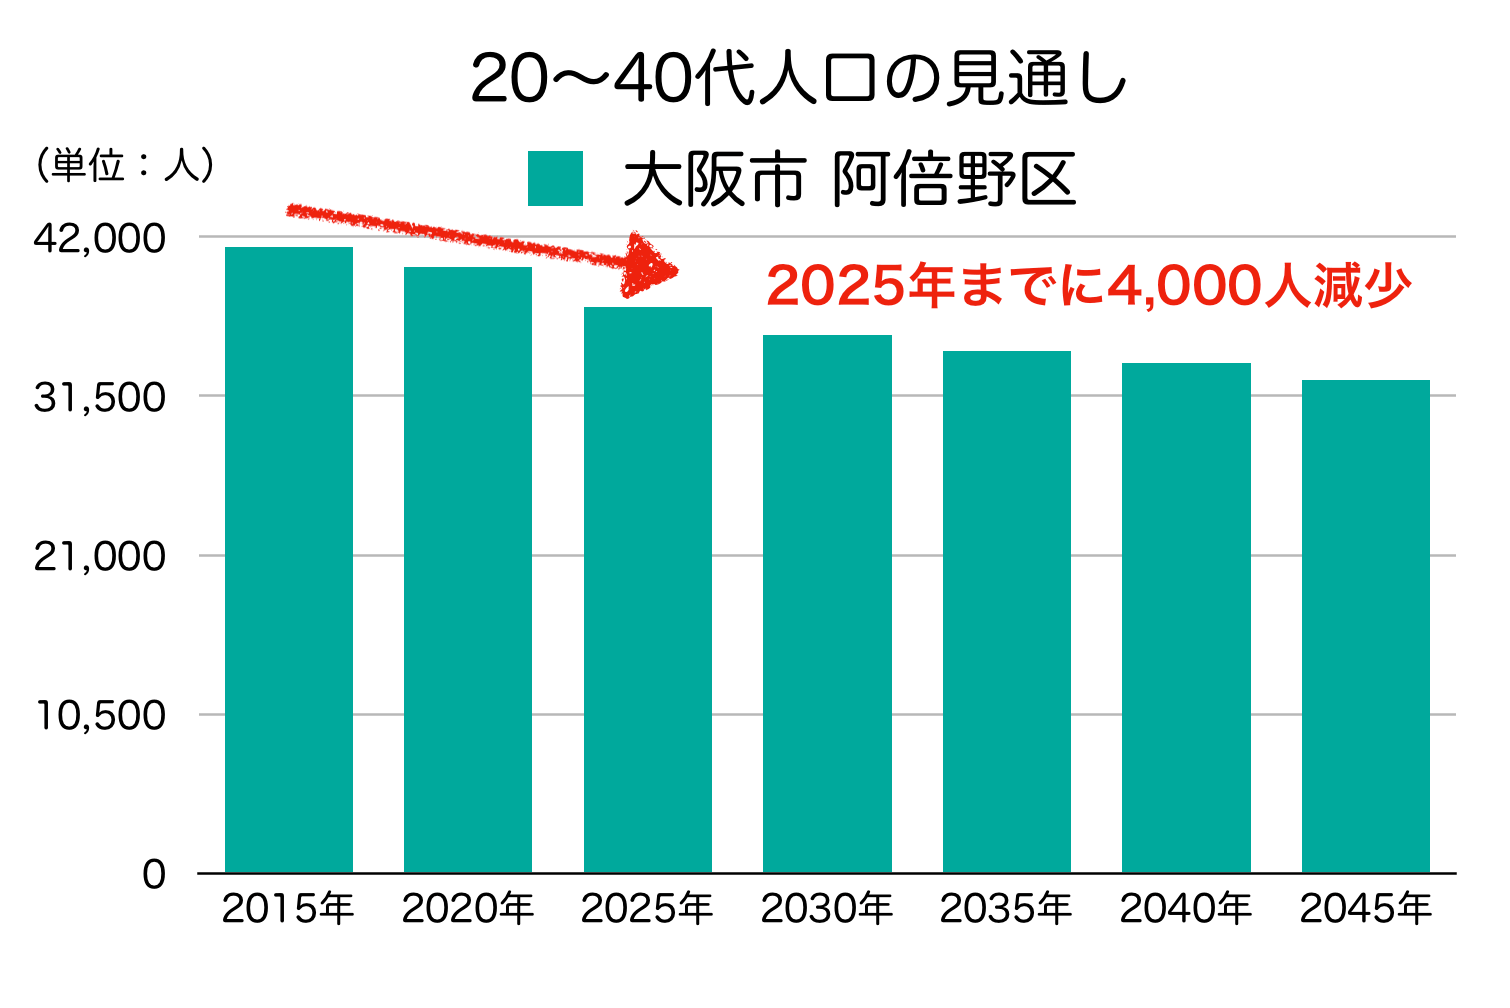 阿倍野区の20〜40代人口の予測